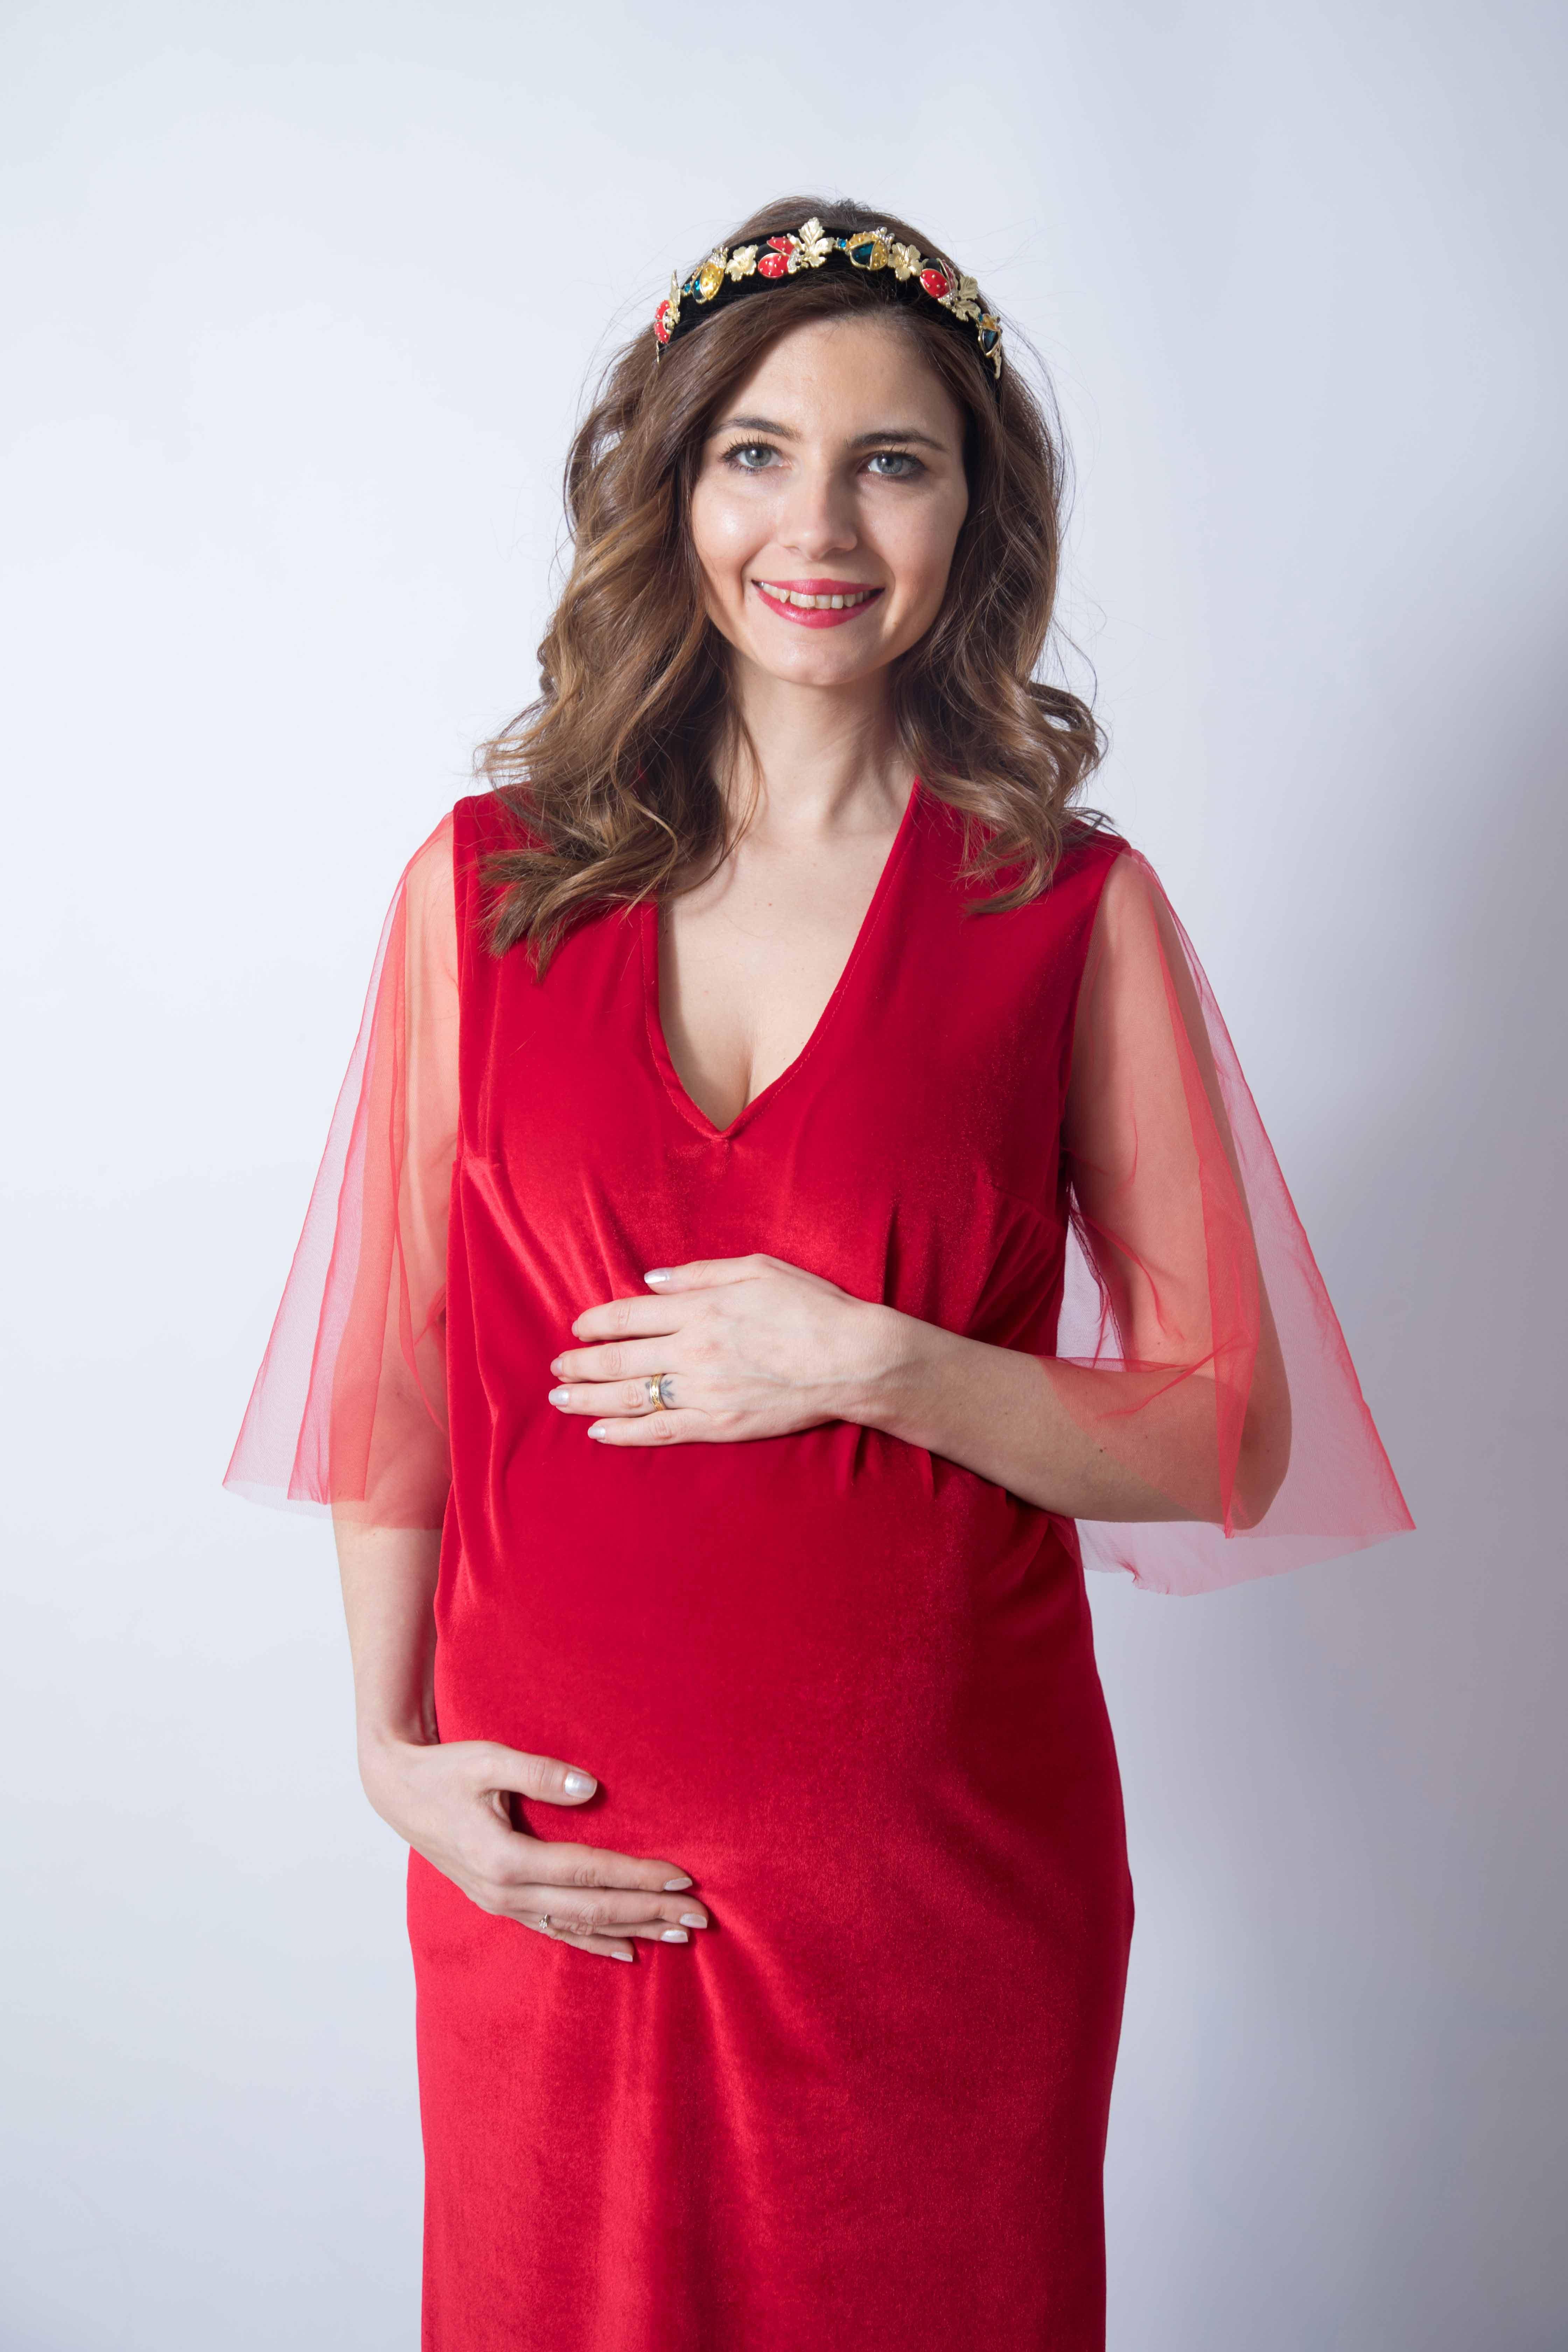 rouge-tulle-rochie-eleganta-gravida-din-catifea-premium-transport-gratuit [2]